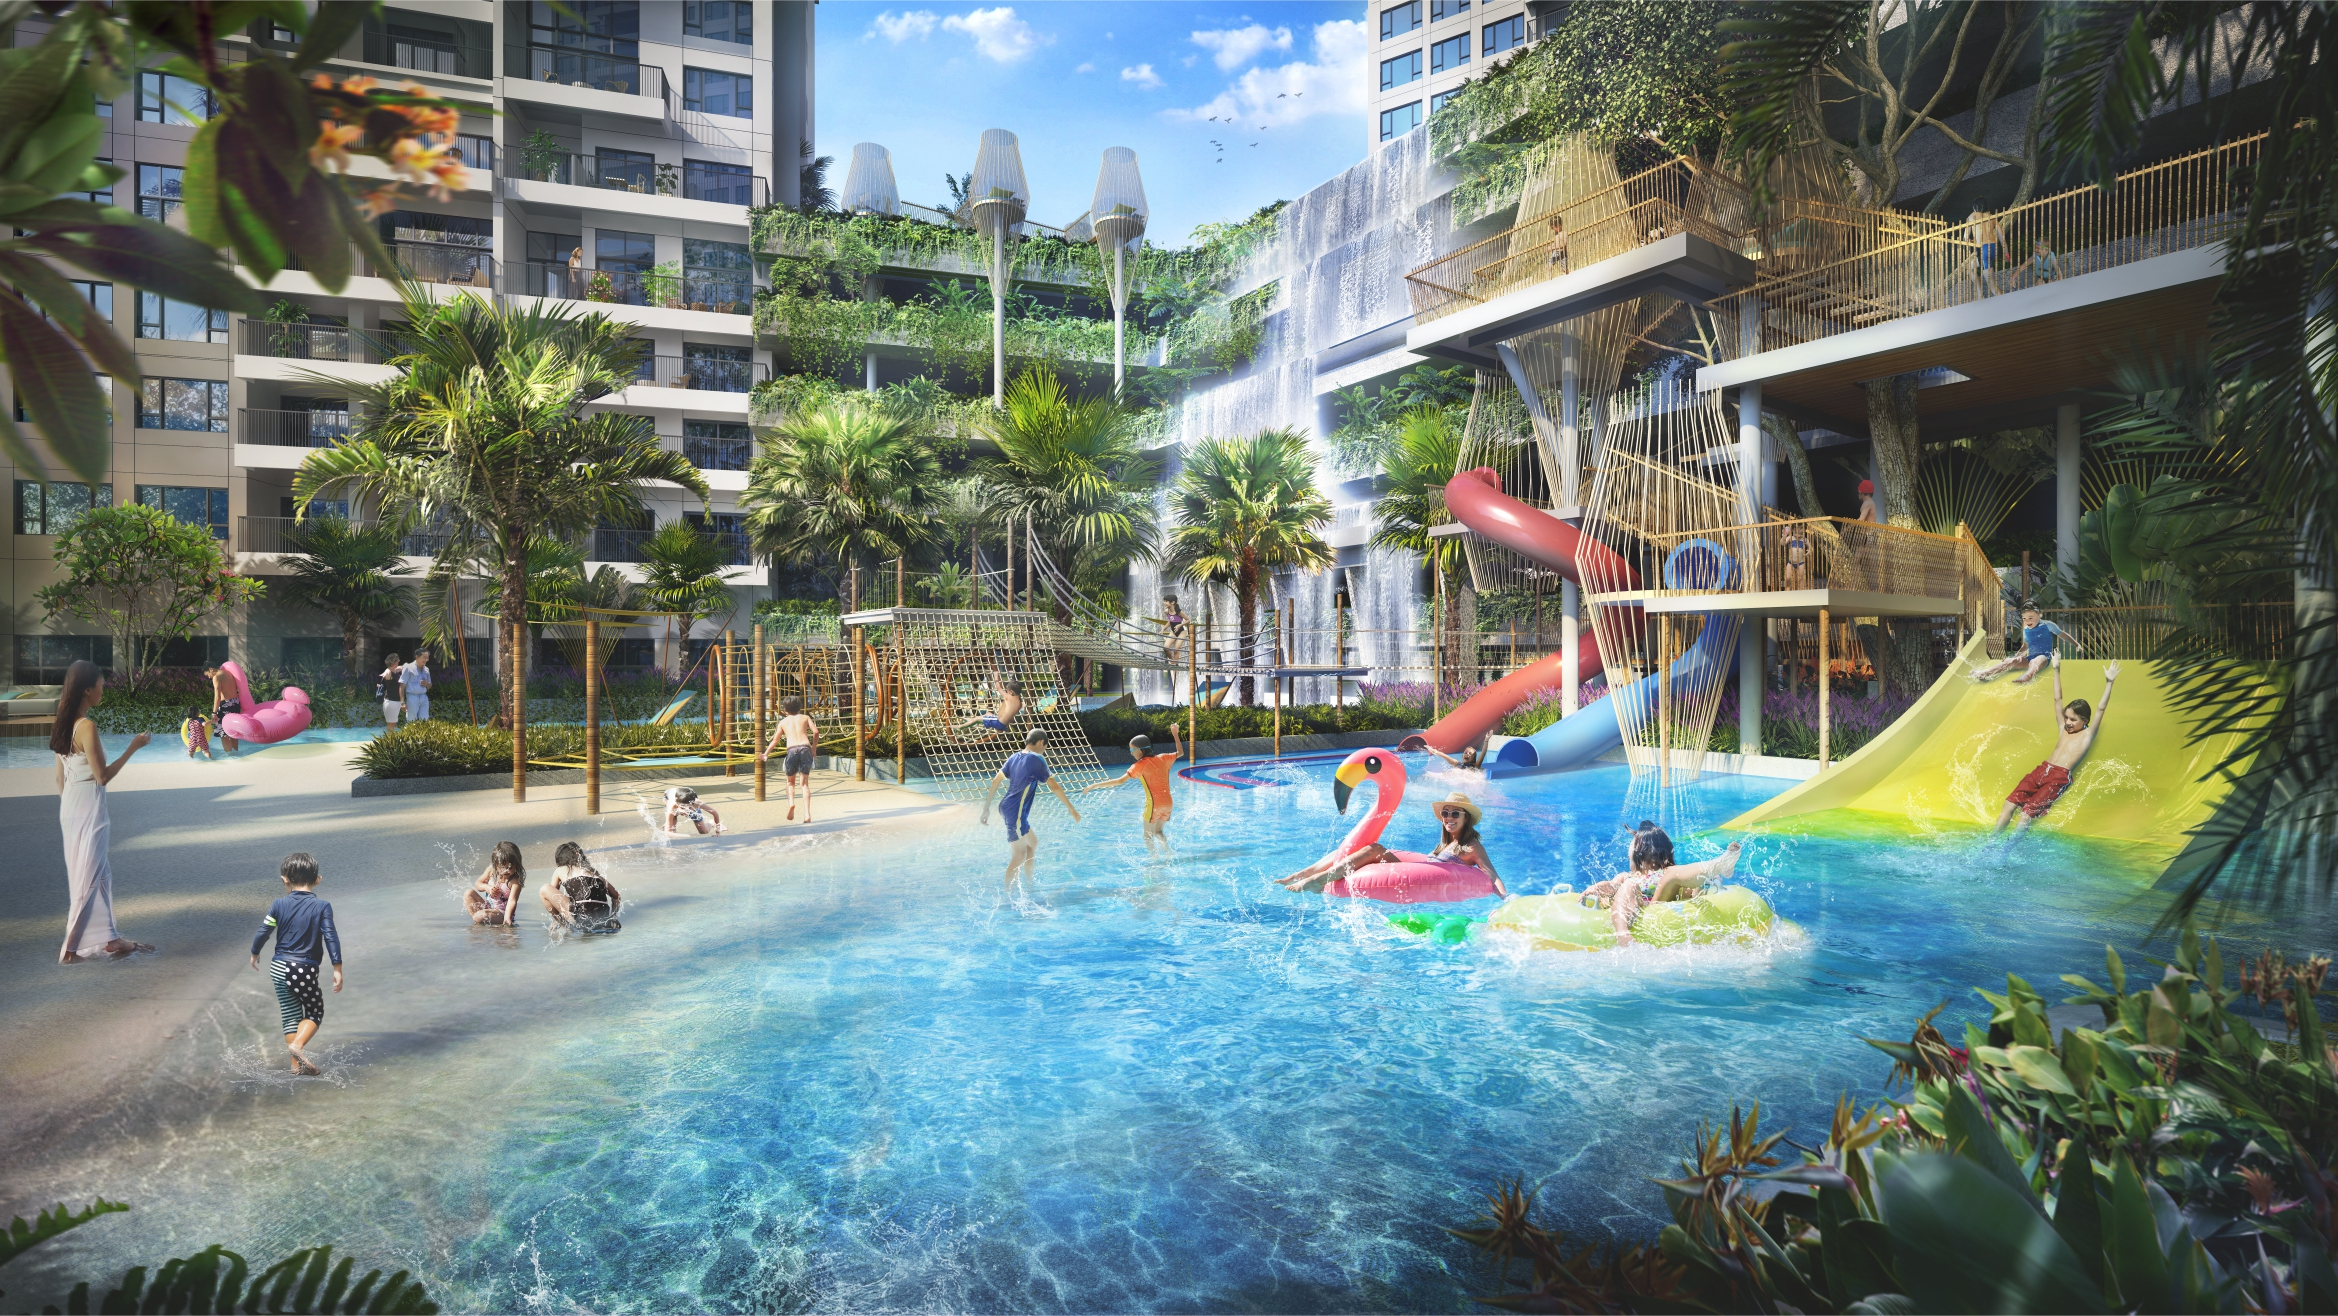 Tiện ích hồ bơi, bãi biển nhân tạo và khu vui chơi dưới nước tại The Infiniti.